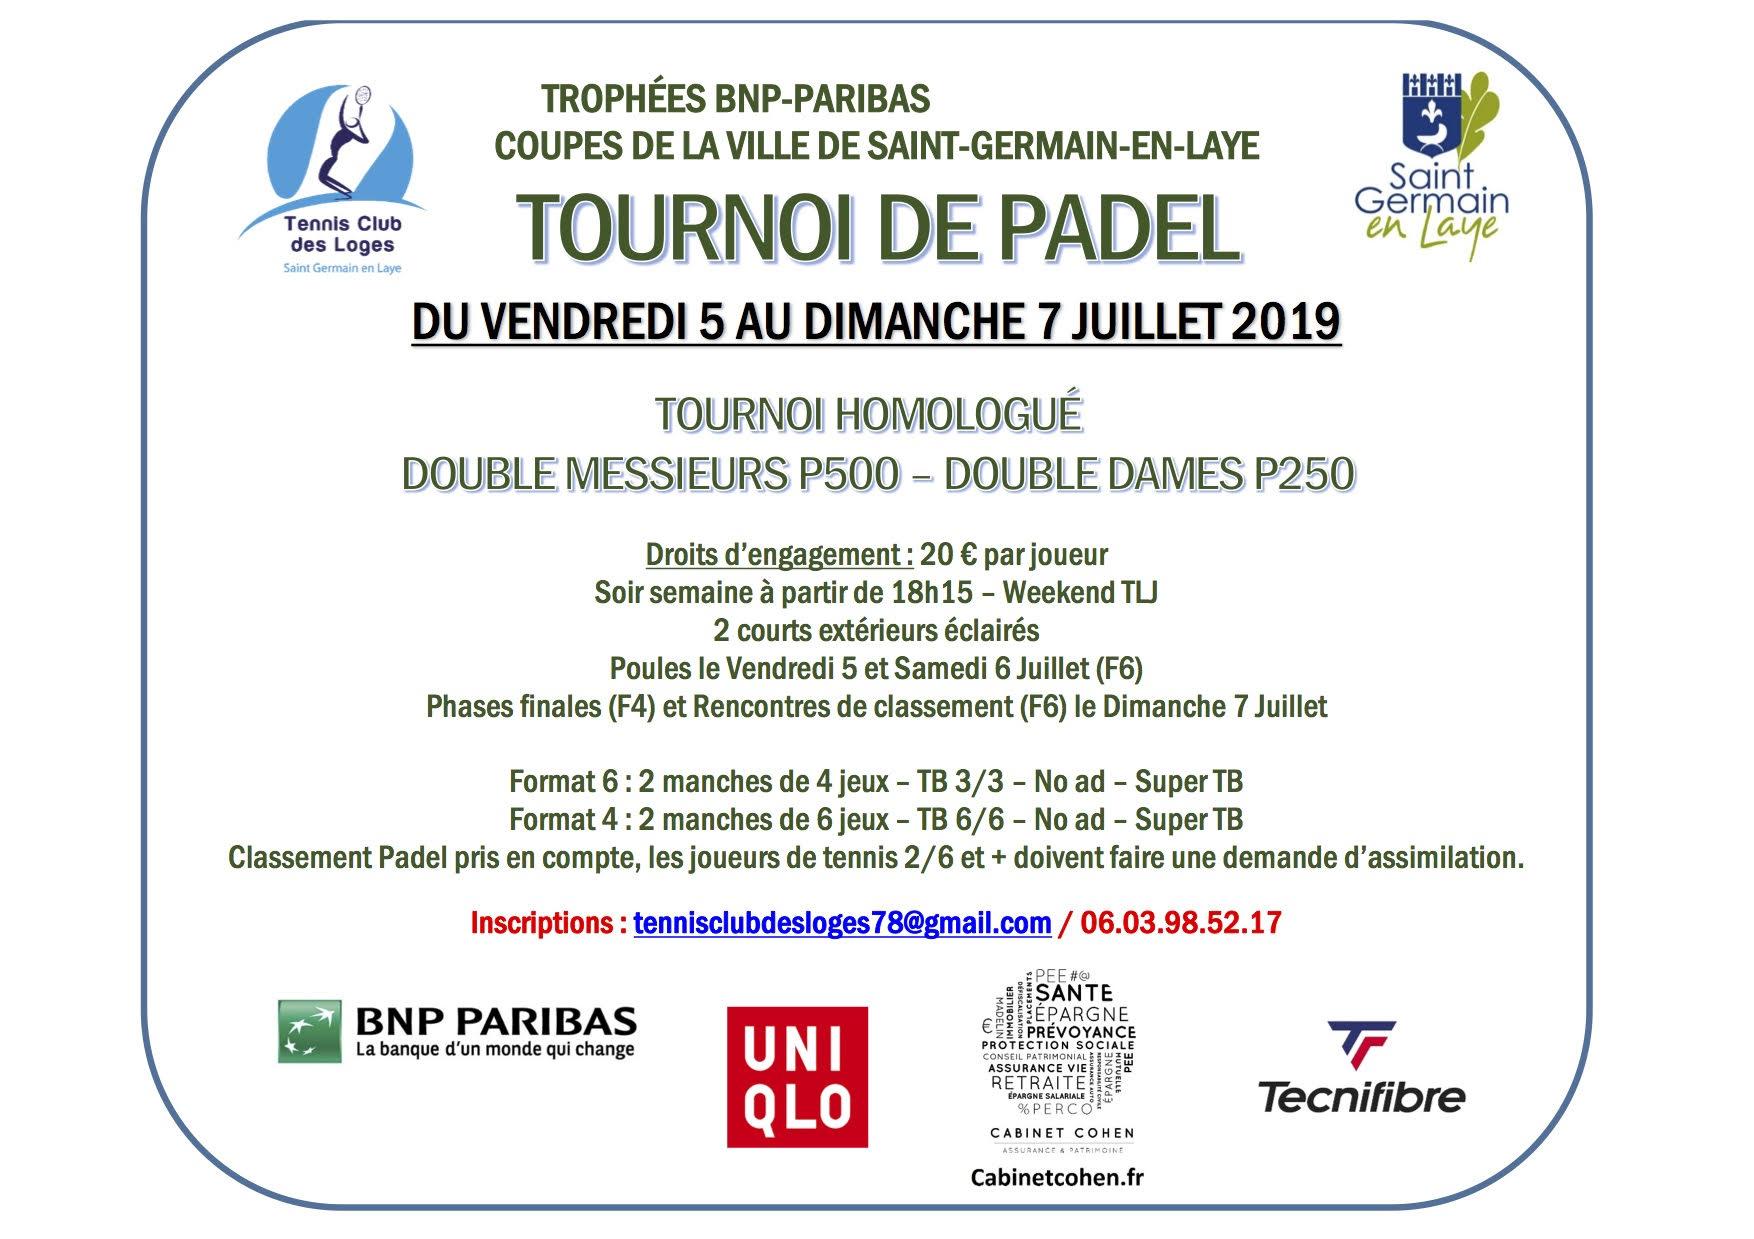 Tennis Club des loges du 5 au 7 Juillet